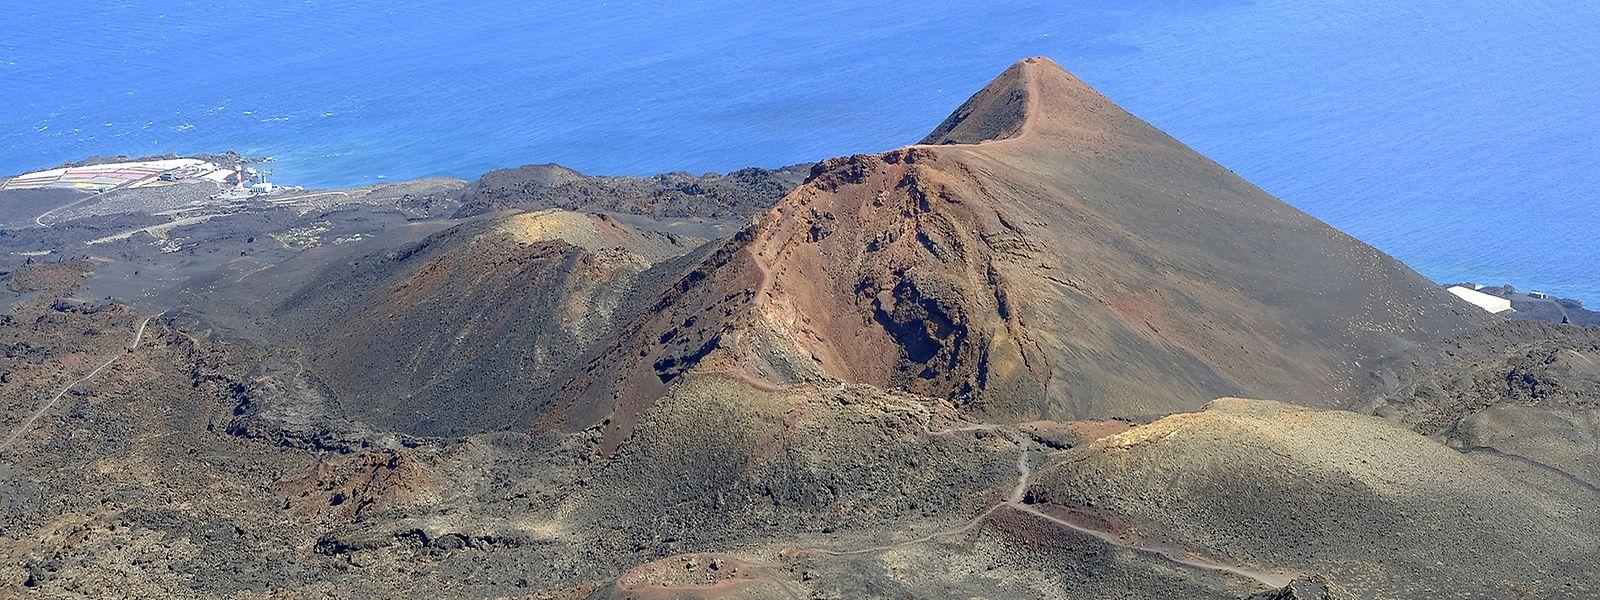 Gesamtansicht eines der Vulkane von Cumbre Vieja, einem Gebiet im Süden der Insel.